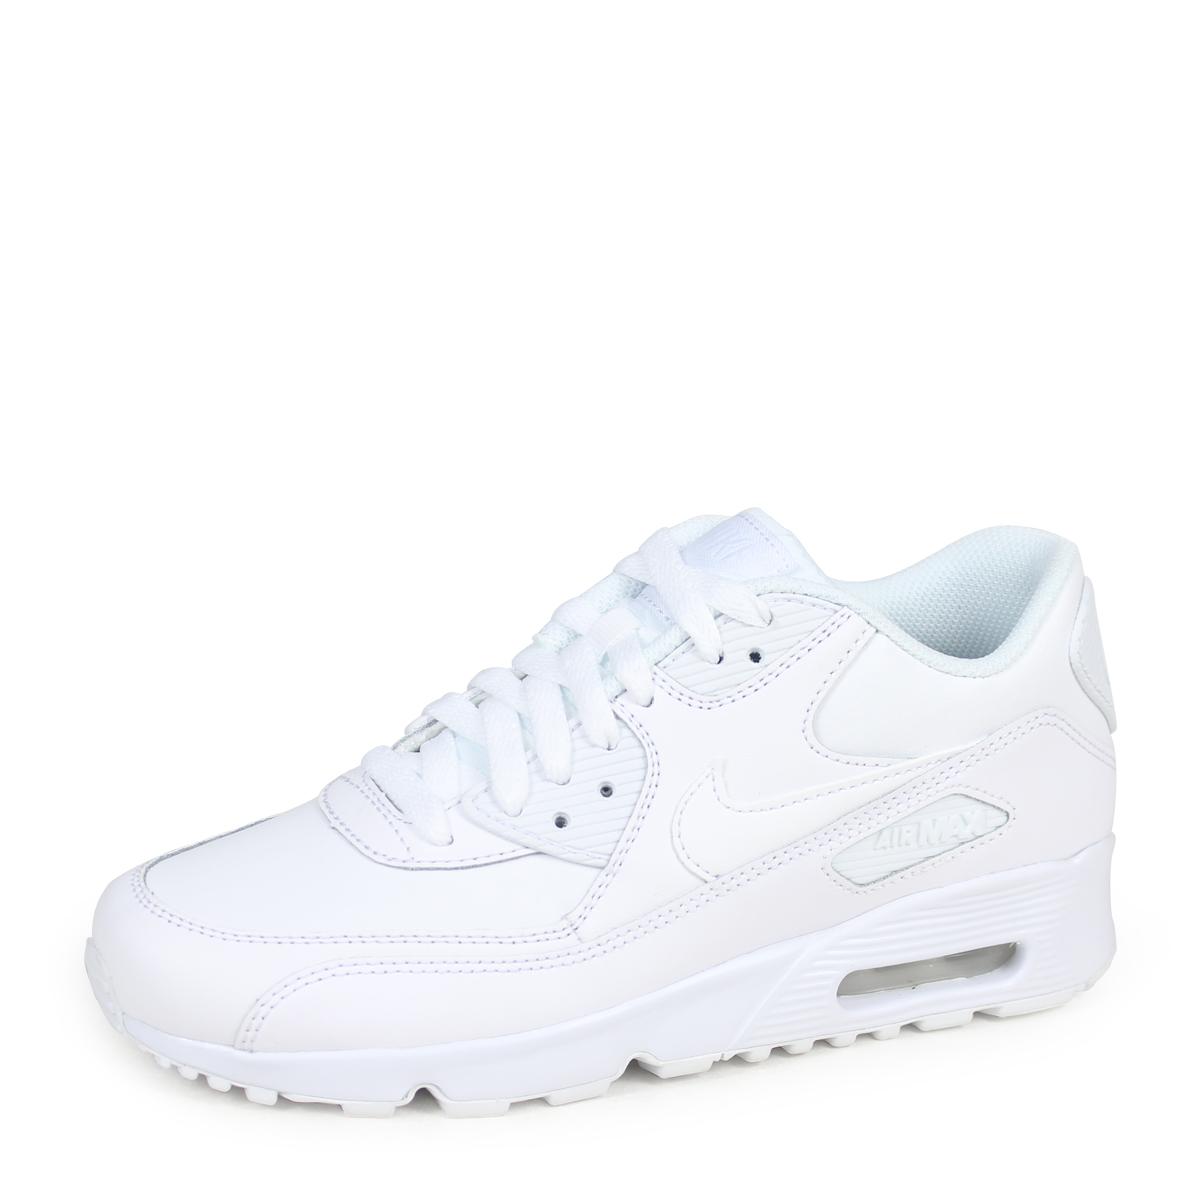 air max white